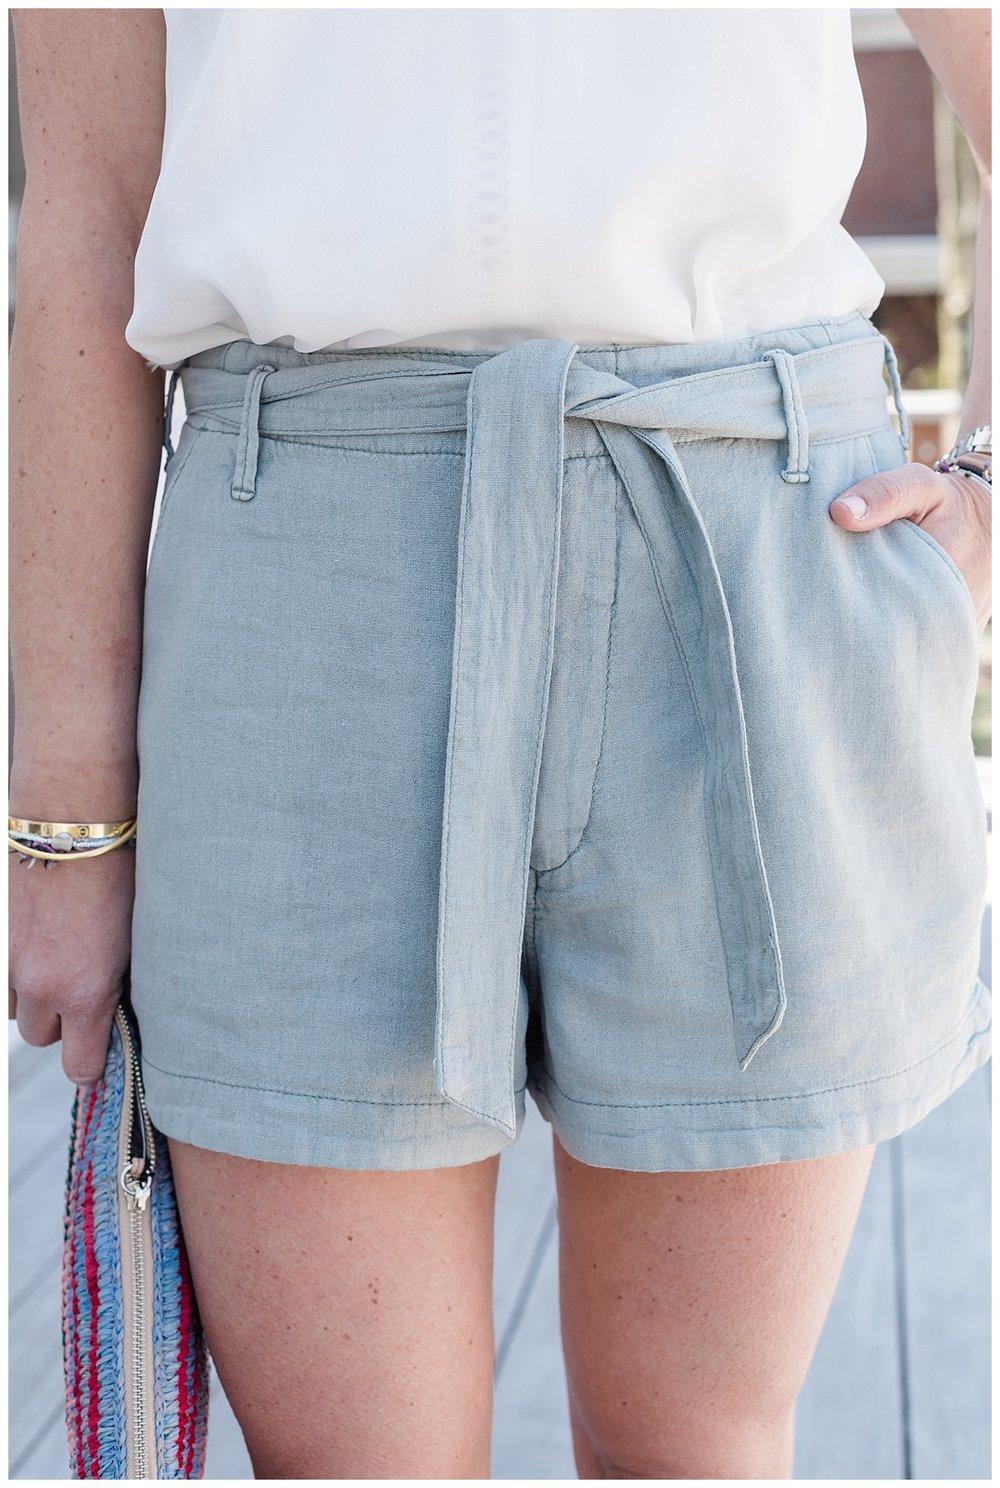 Shorts Season_1241.jpg